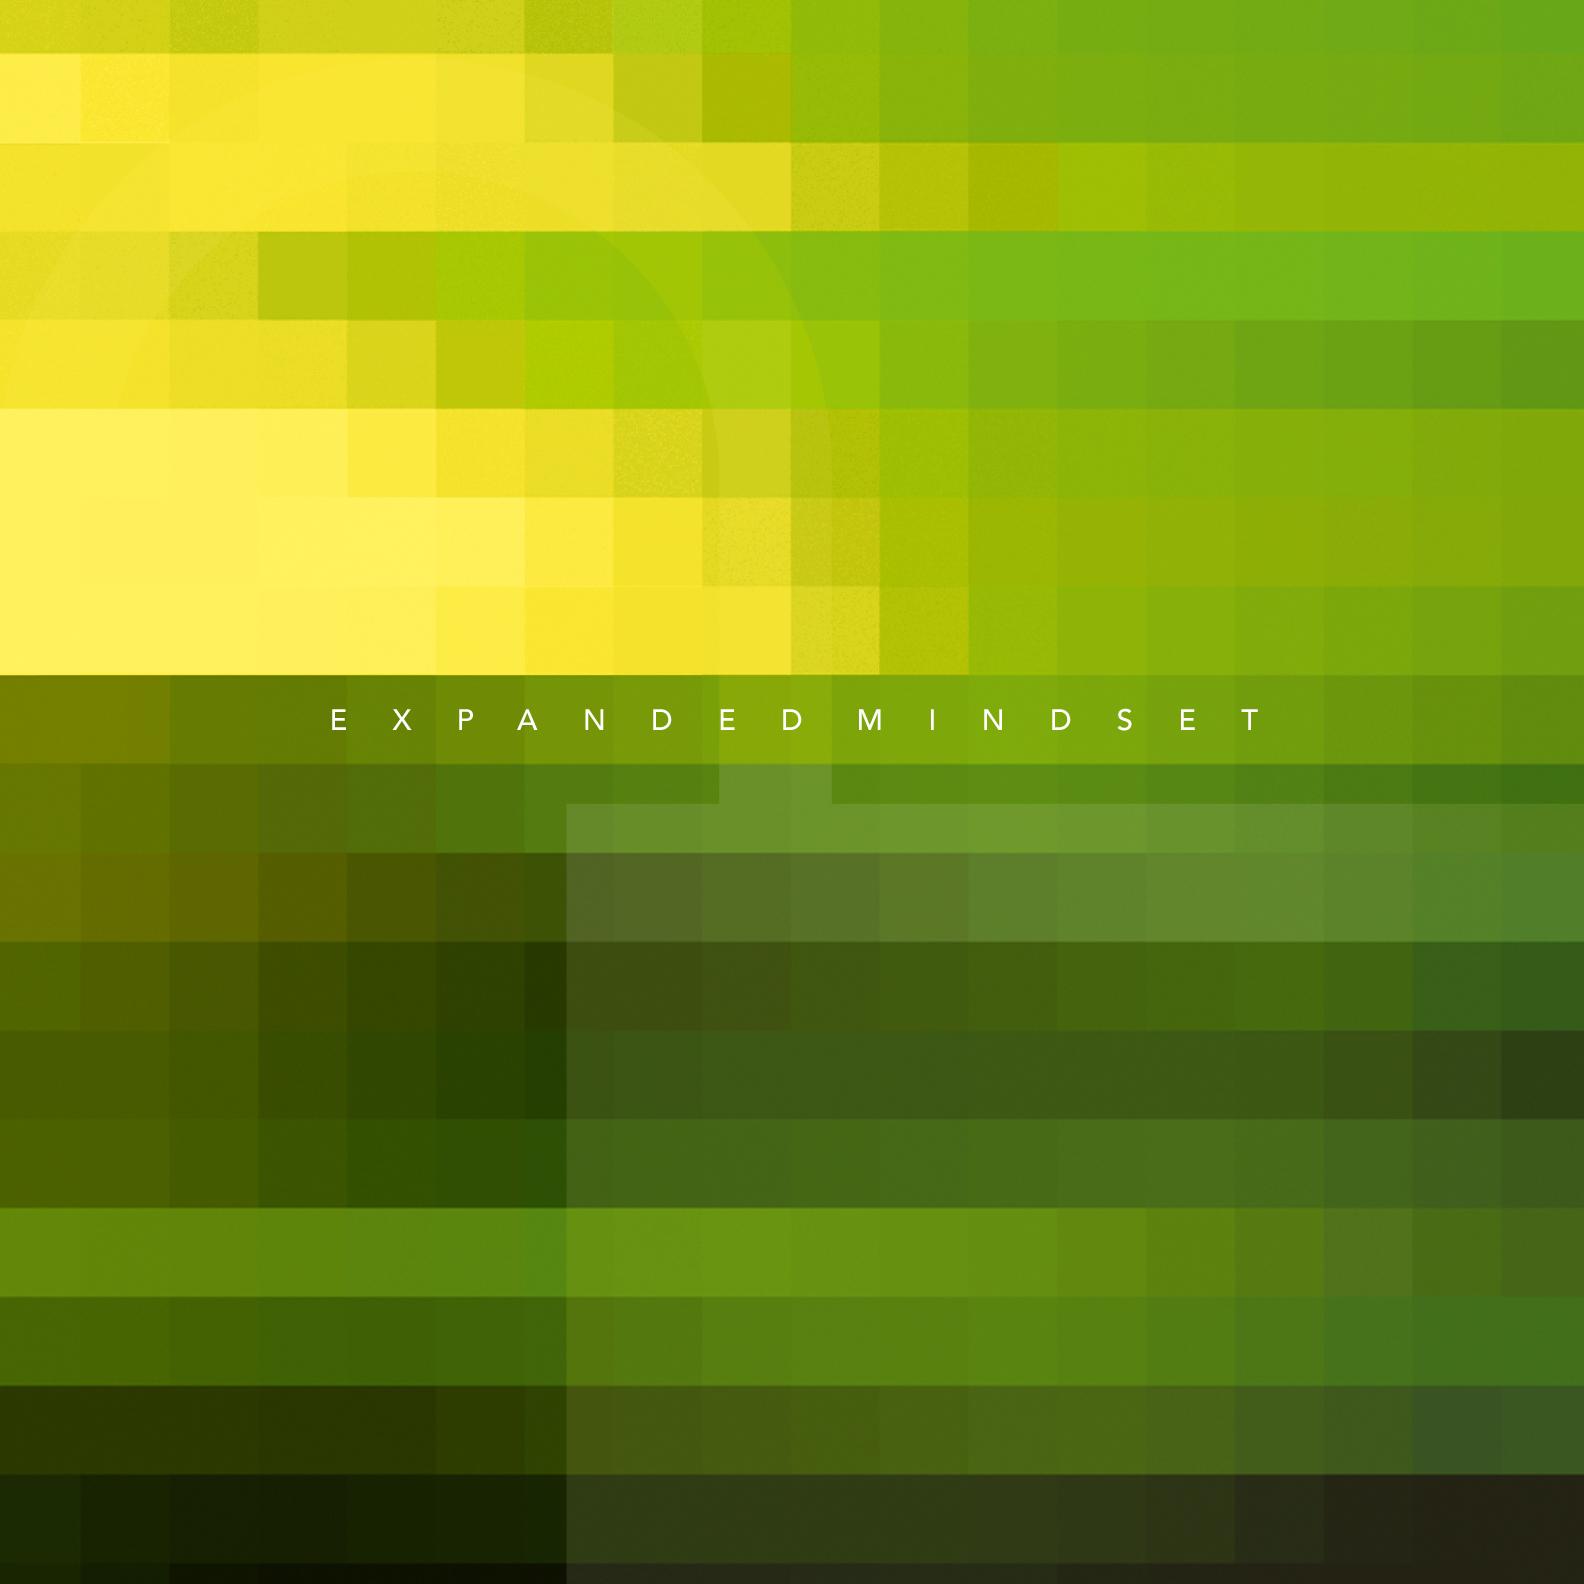 Buy Online Blancmange - Expanded Mindset CD